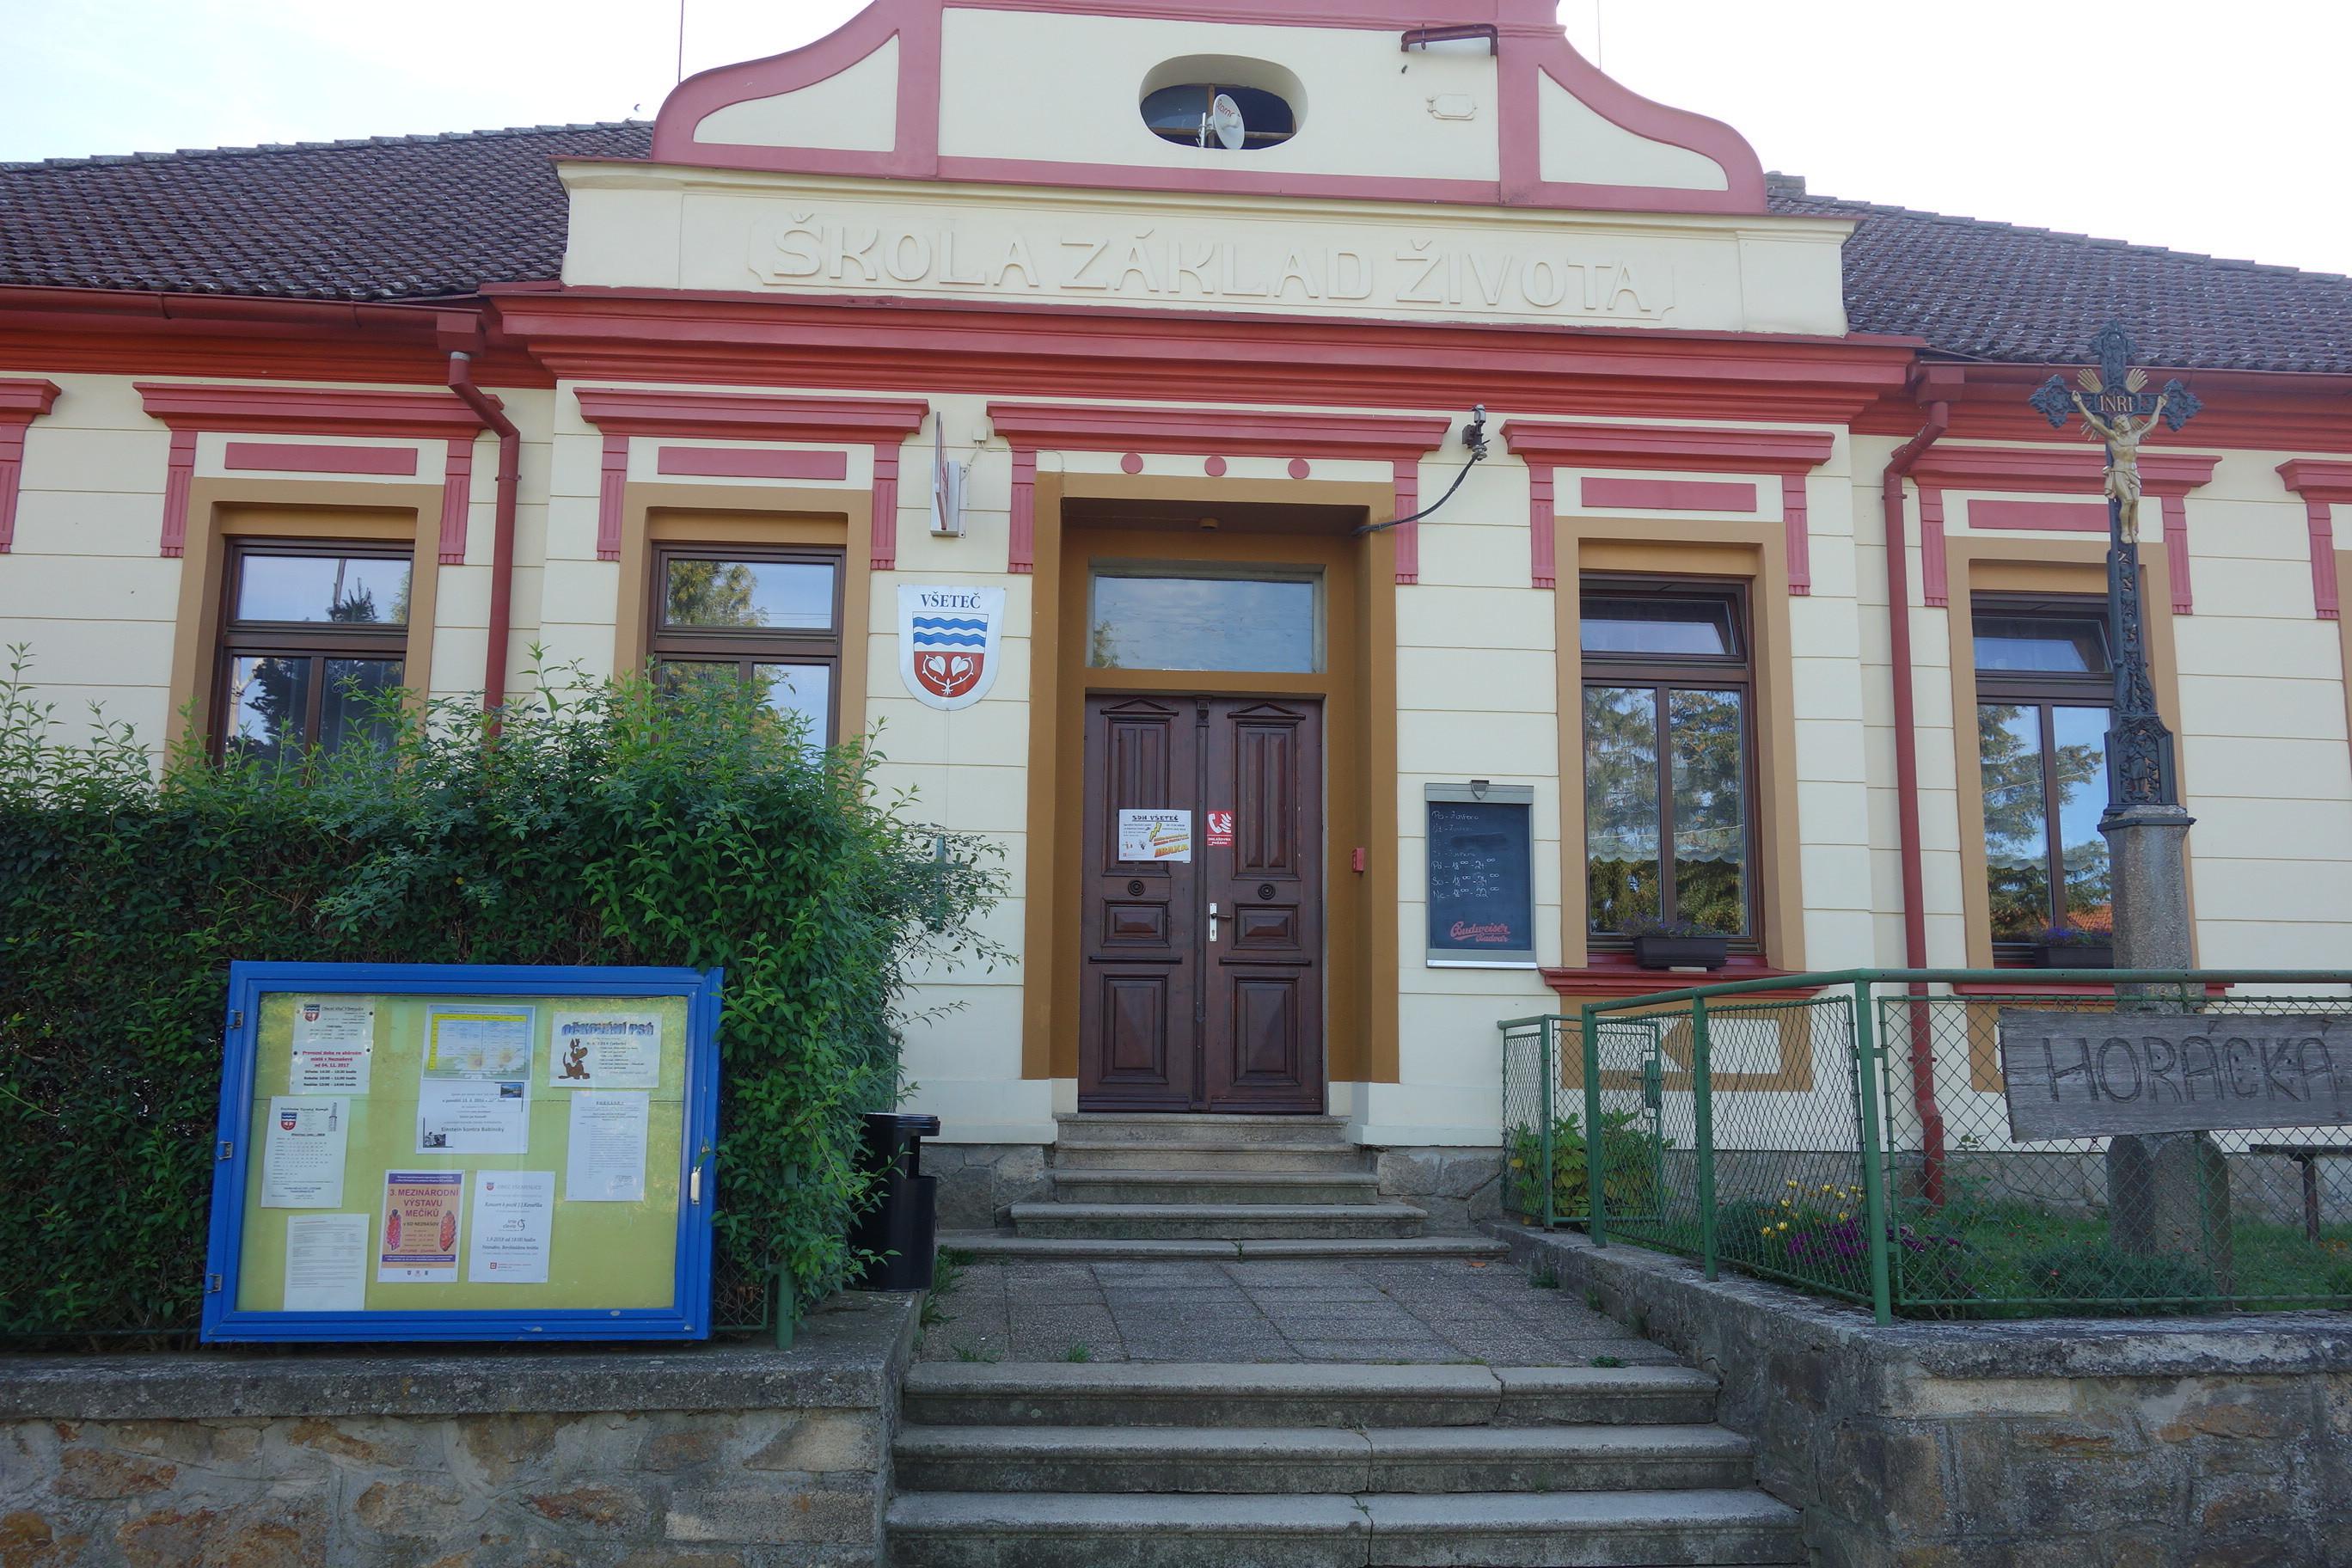 Knihovna Všeteč